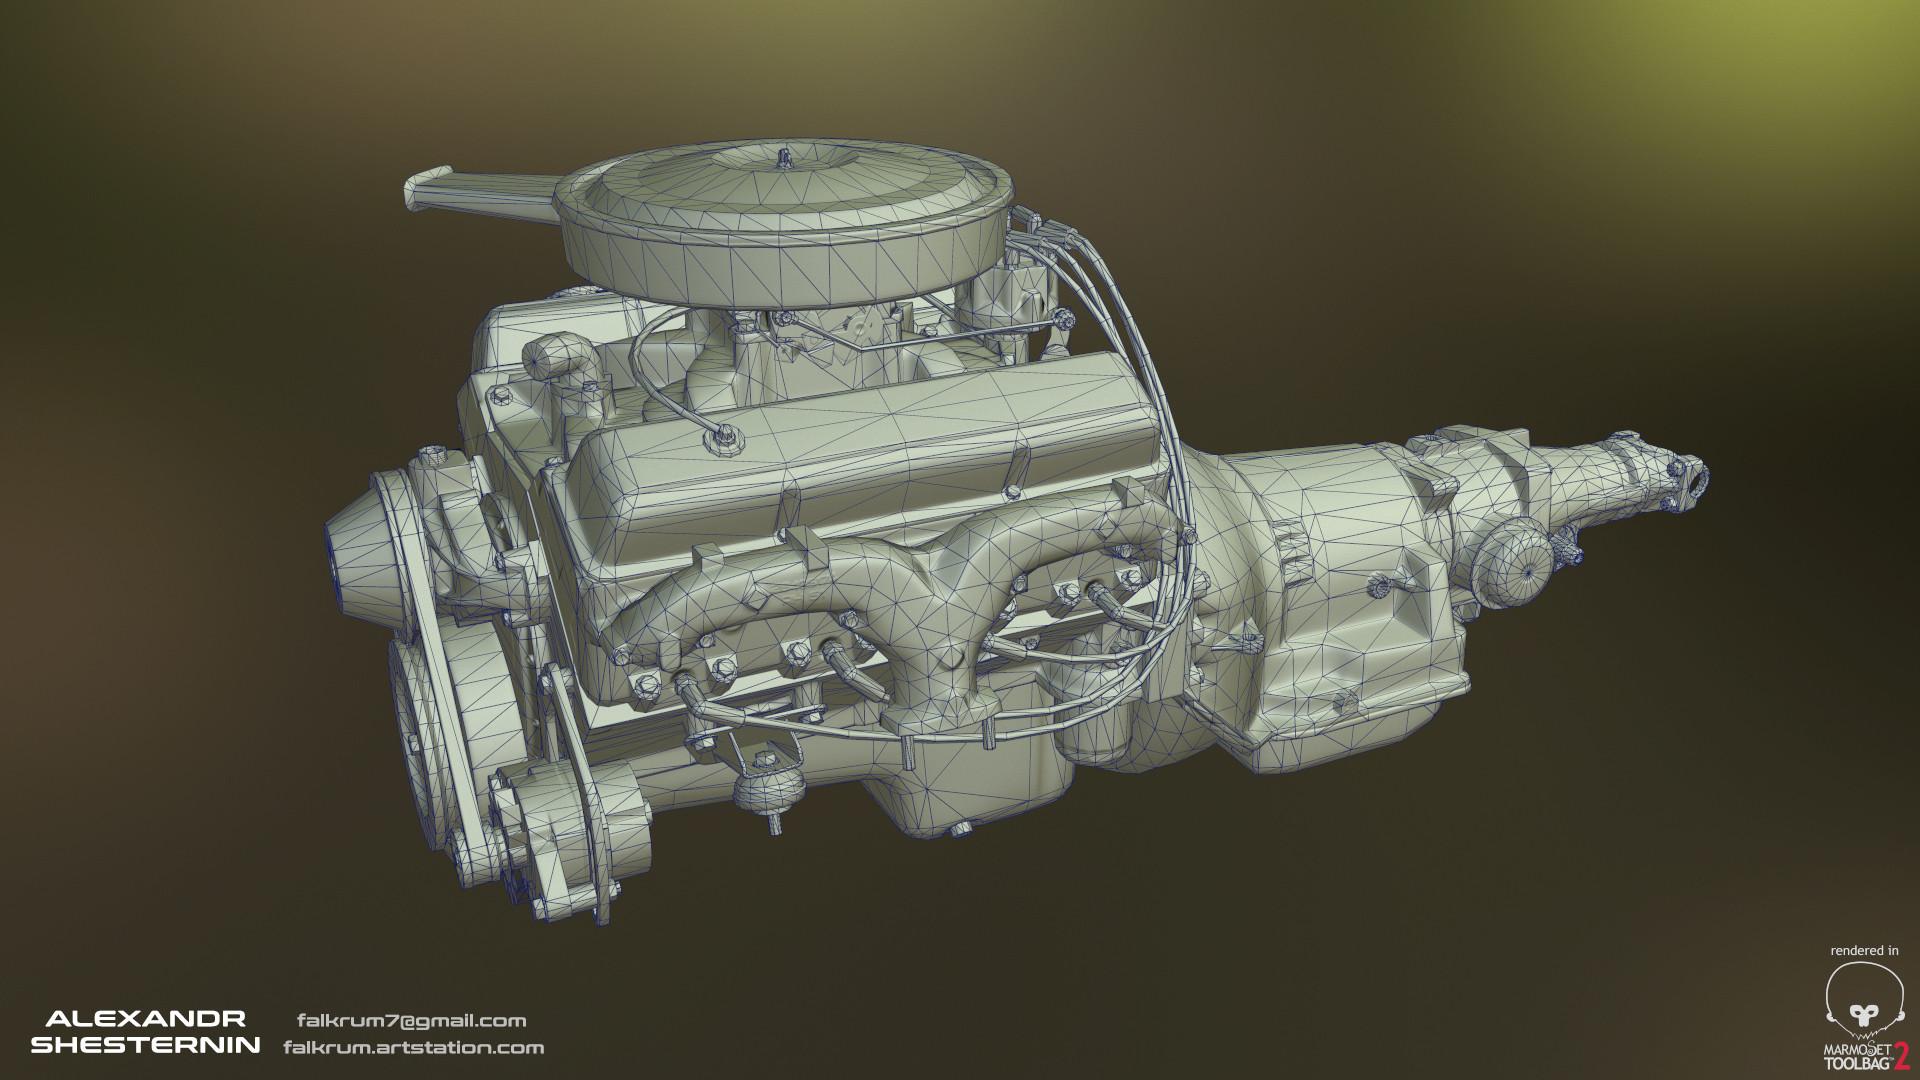 Alexandr shesternin engine04